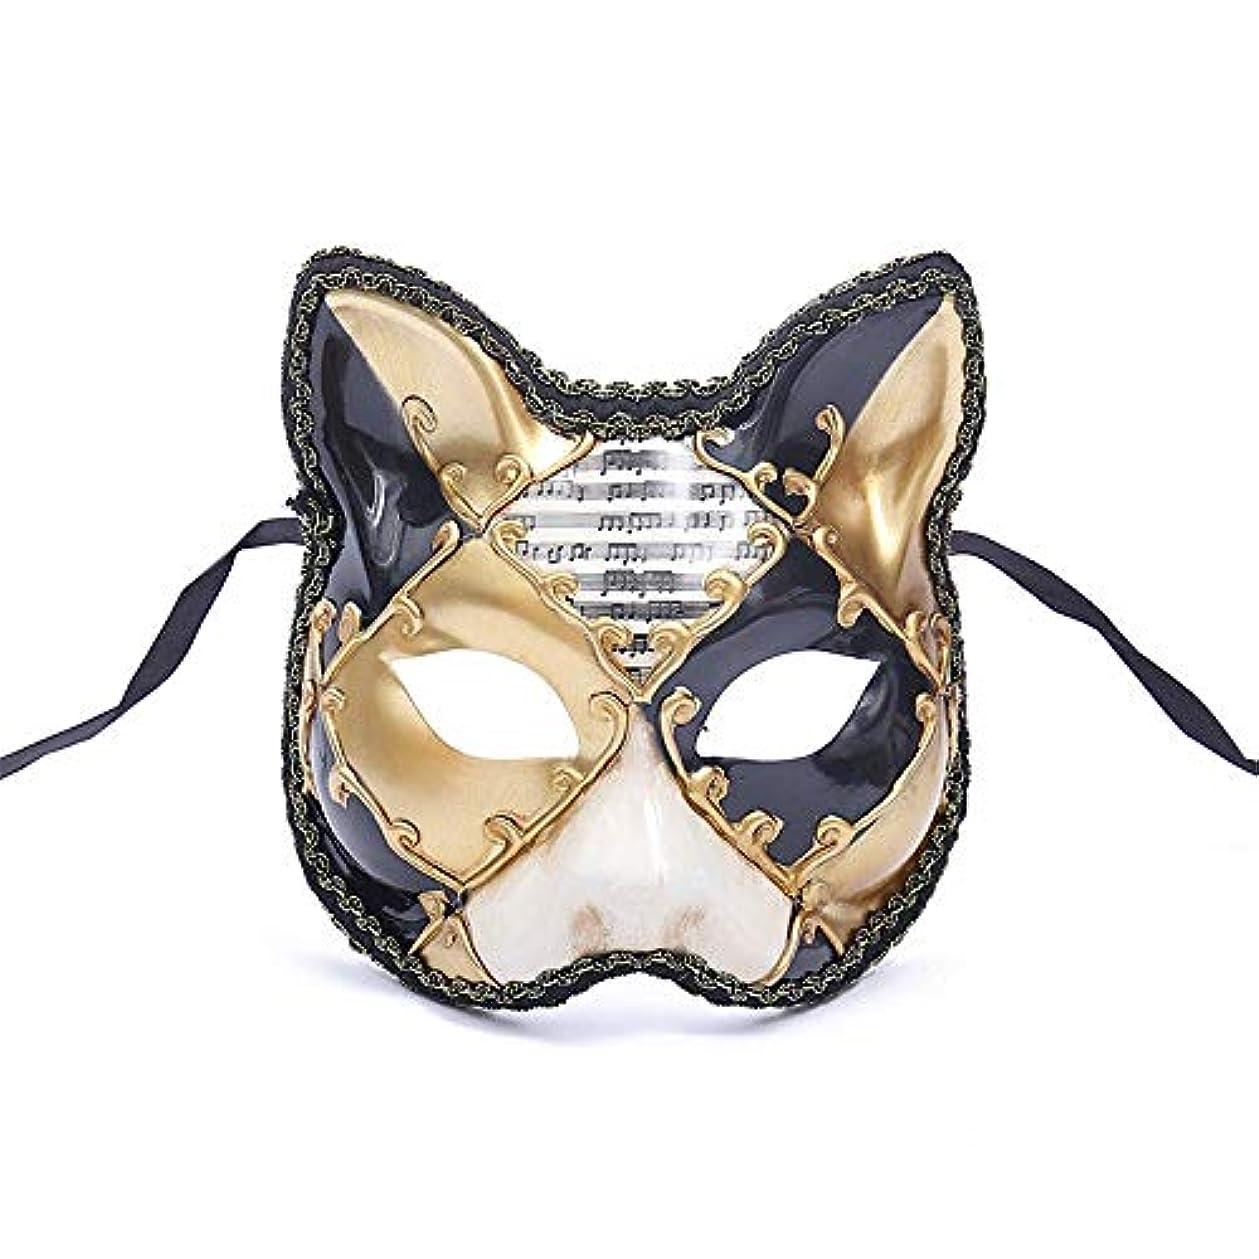 彼女精算状ダンスマスク 大きな猫アンティーク動物レトロコスプレハロウィーン仮装マスクナイトクラブマスク雰囲気フェスティバルマスク パーティーボールマスク (色 : 黄, サイズ : 17.5x16cm)